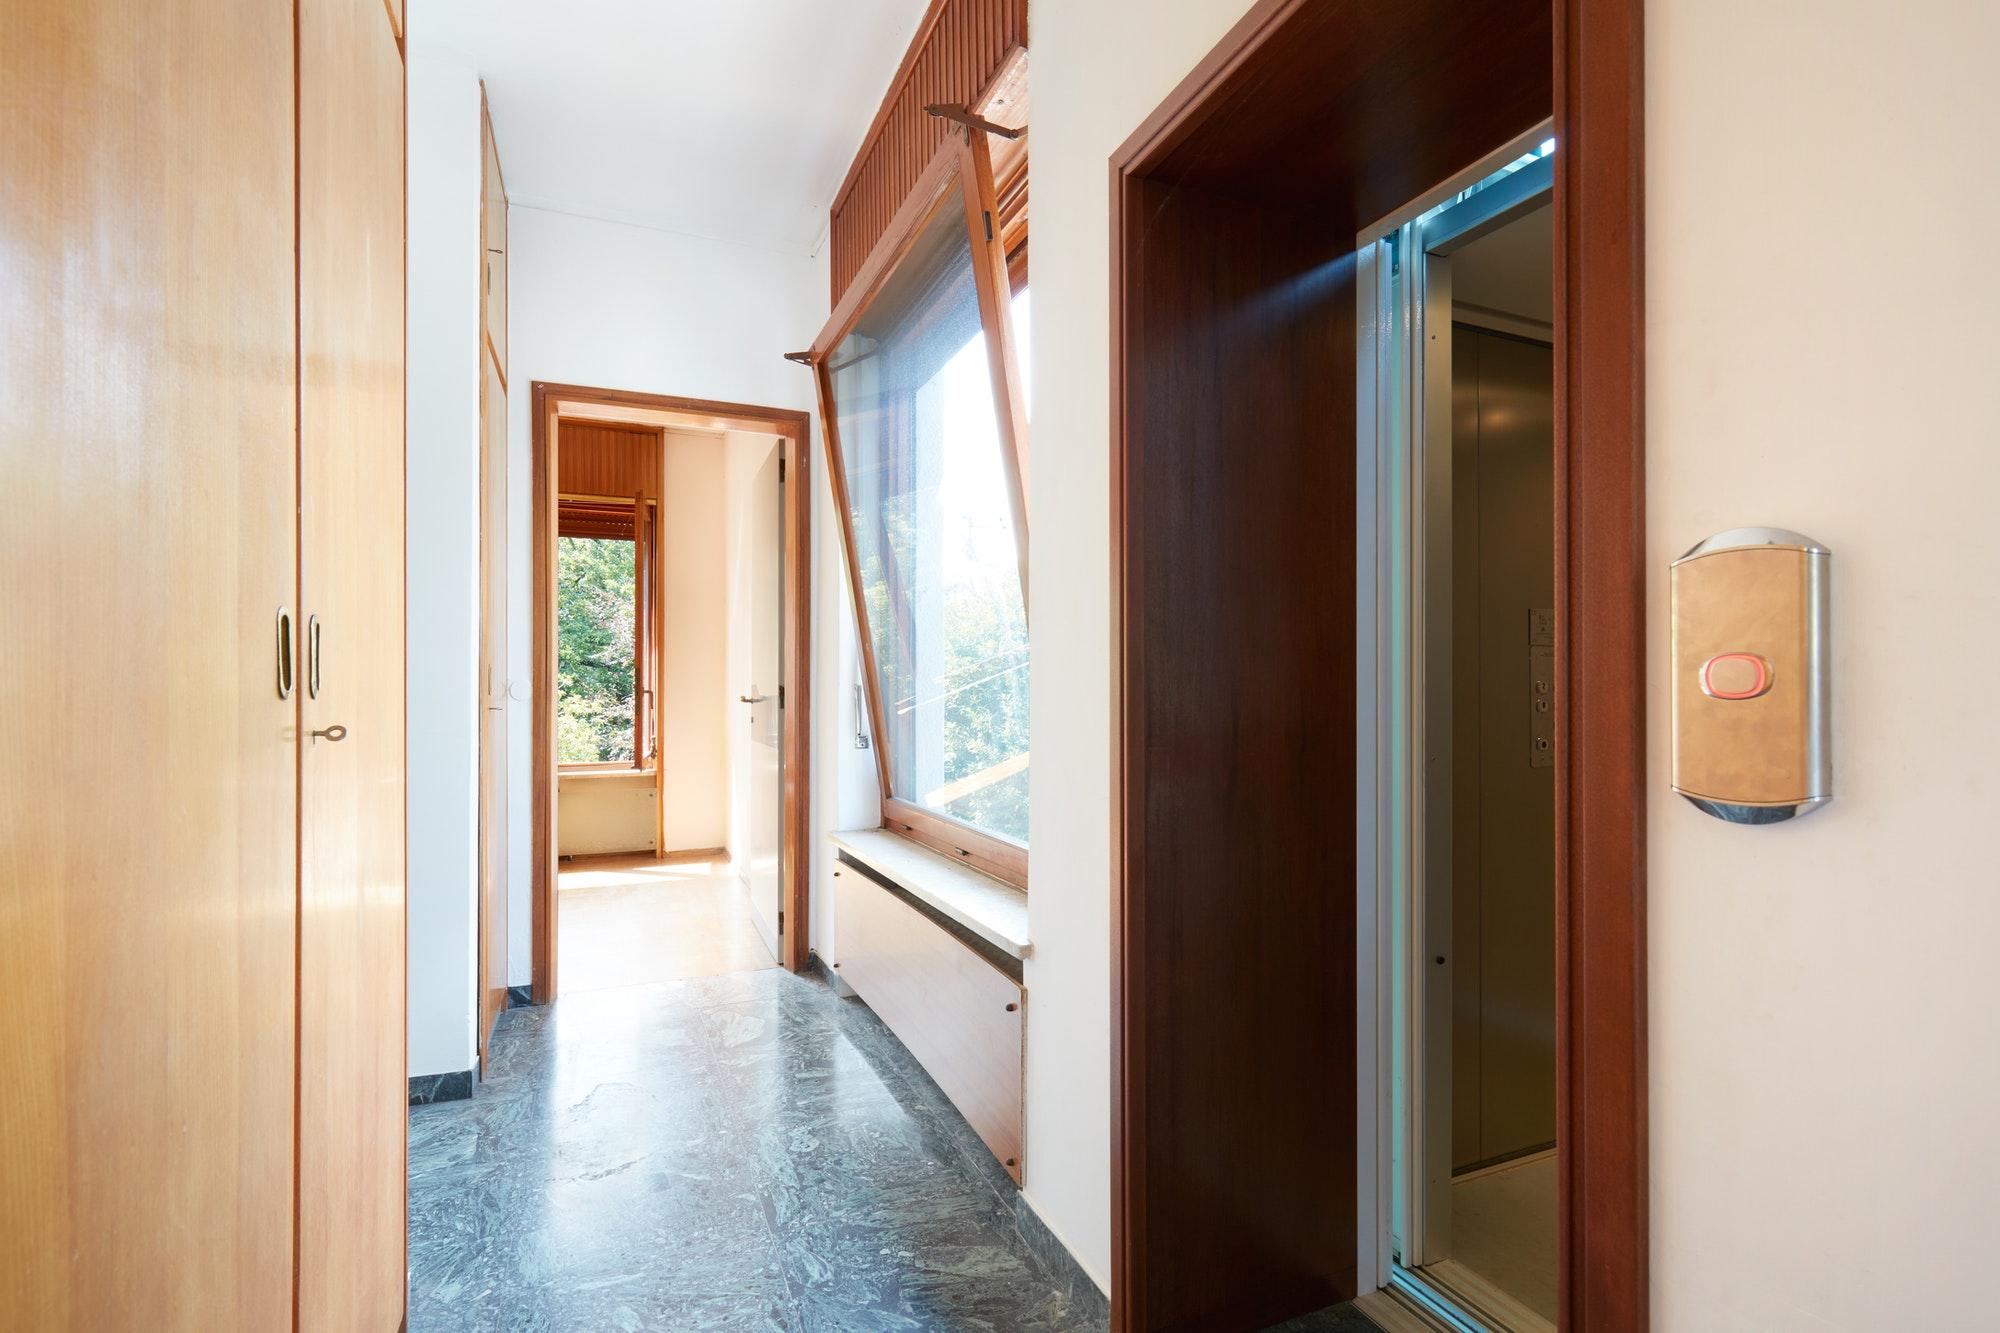 Pasillo con armario de madera, ventana y puerta de ascensor.